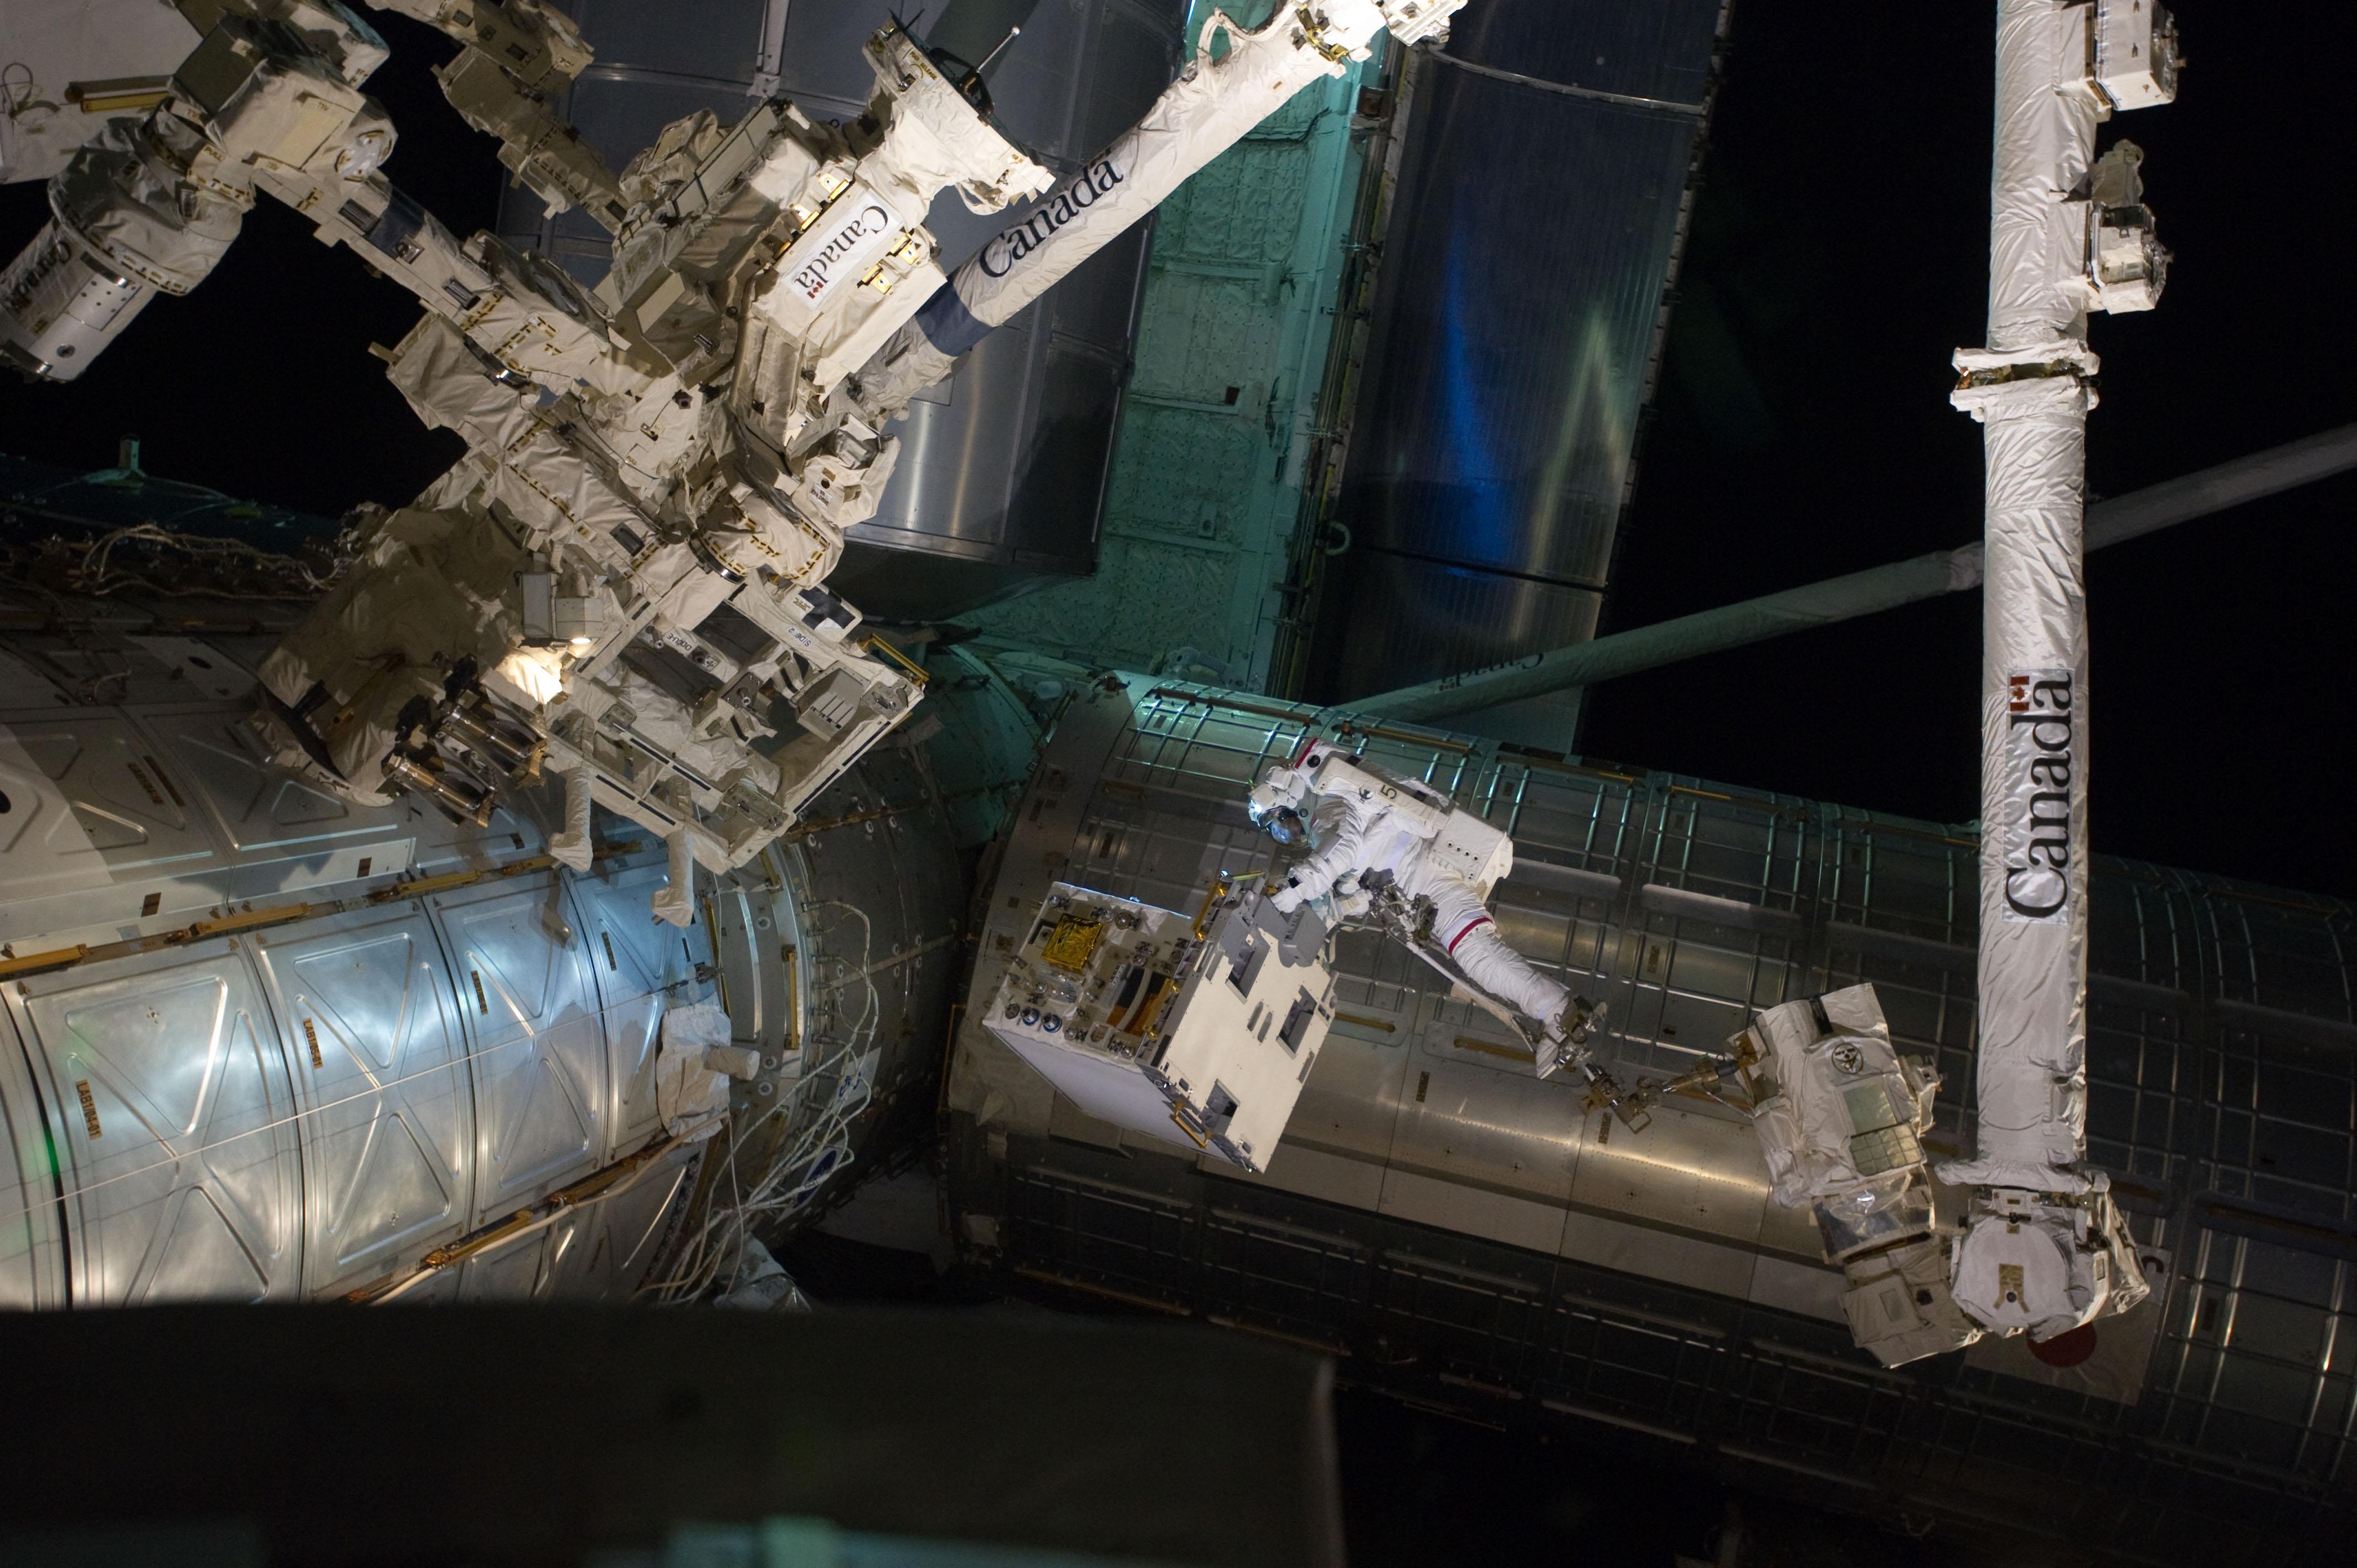 Mike Fossum during EVA (Image Credit: NASA)